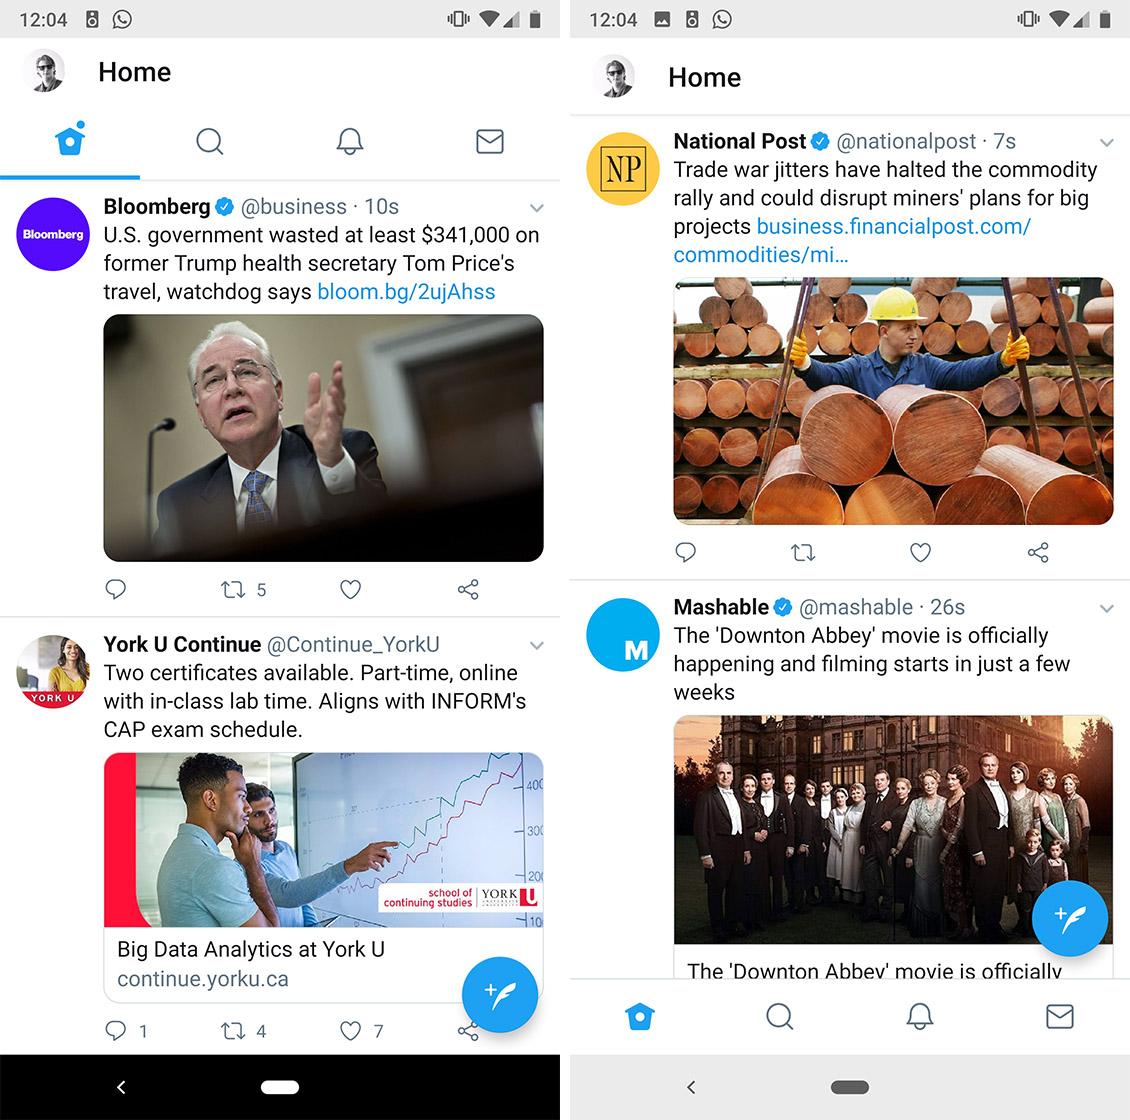 Screenshots of Twitter's bottom navigation bar